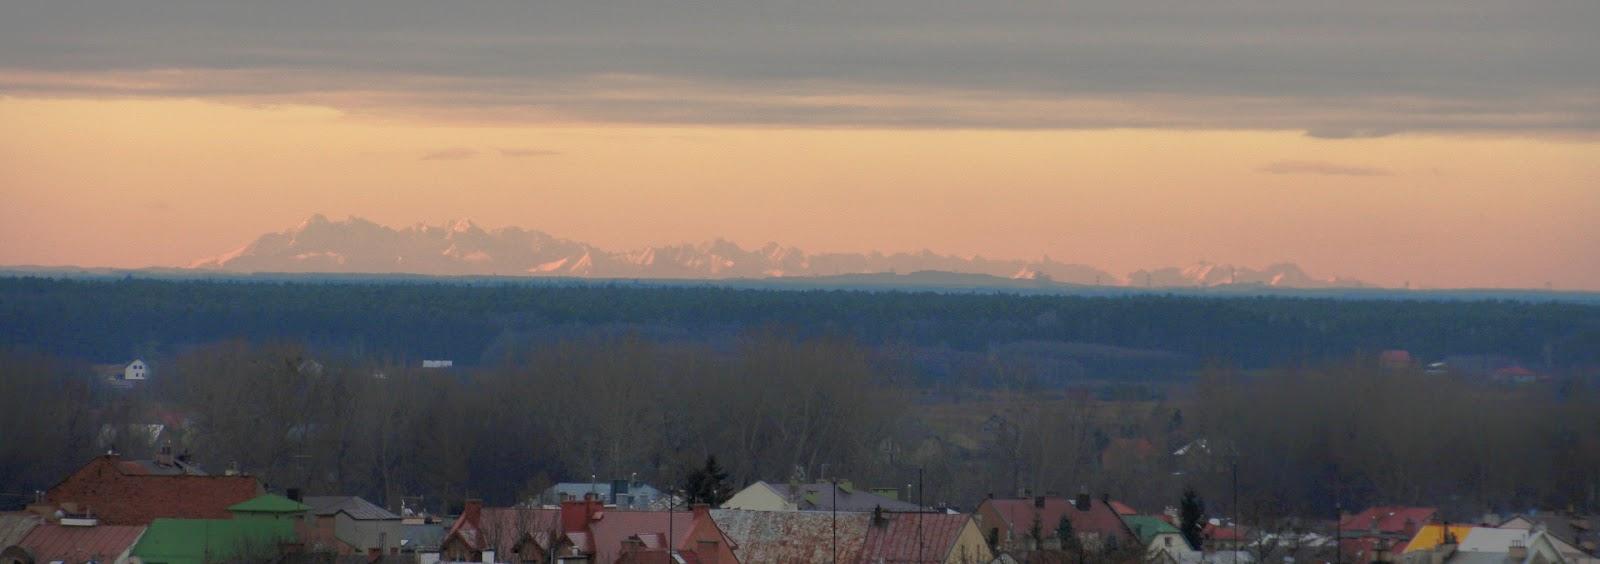 Tatry z Mielca, panorama, widok z wieżowca, dalekie obserwacje